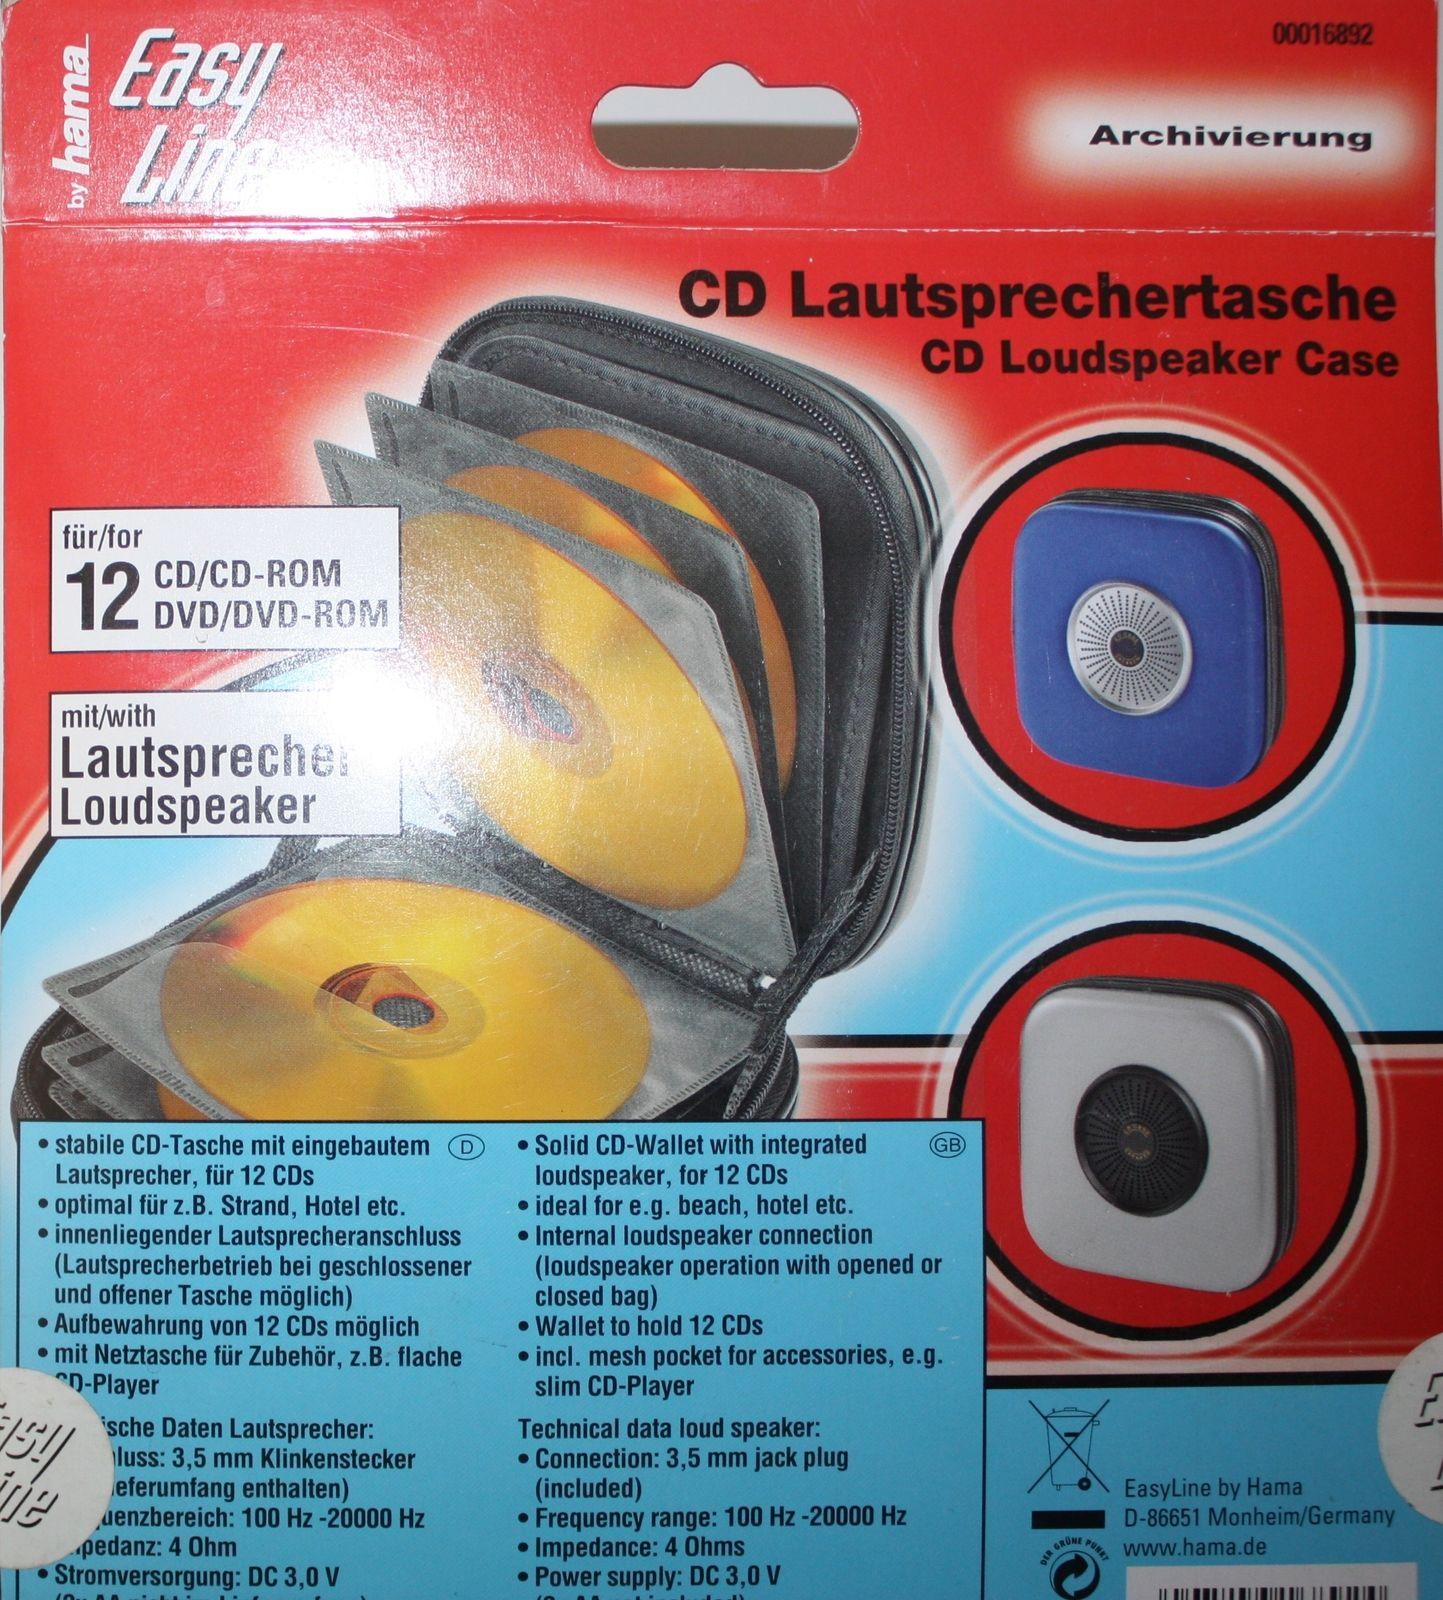 Hama CD Lautsprechertasche CD Box für 12 CDs Lautsprecher Tasche ...